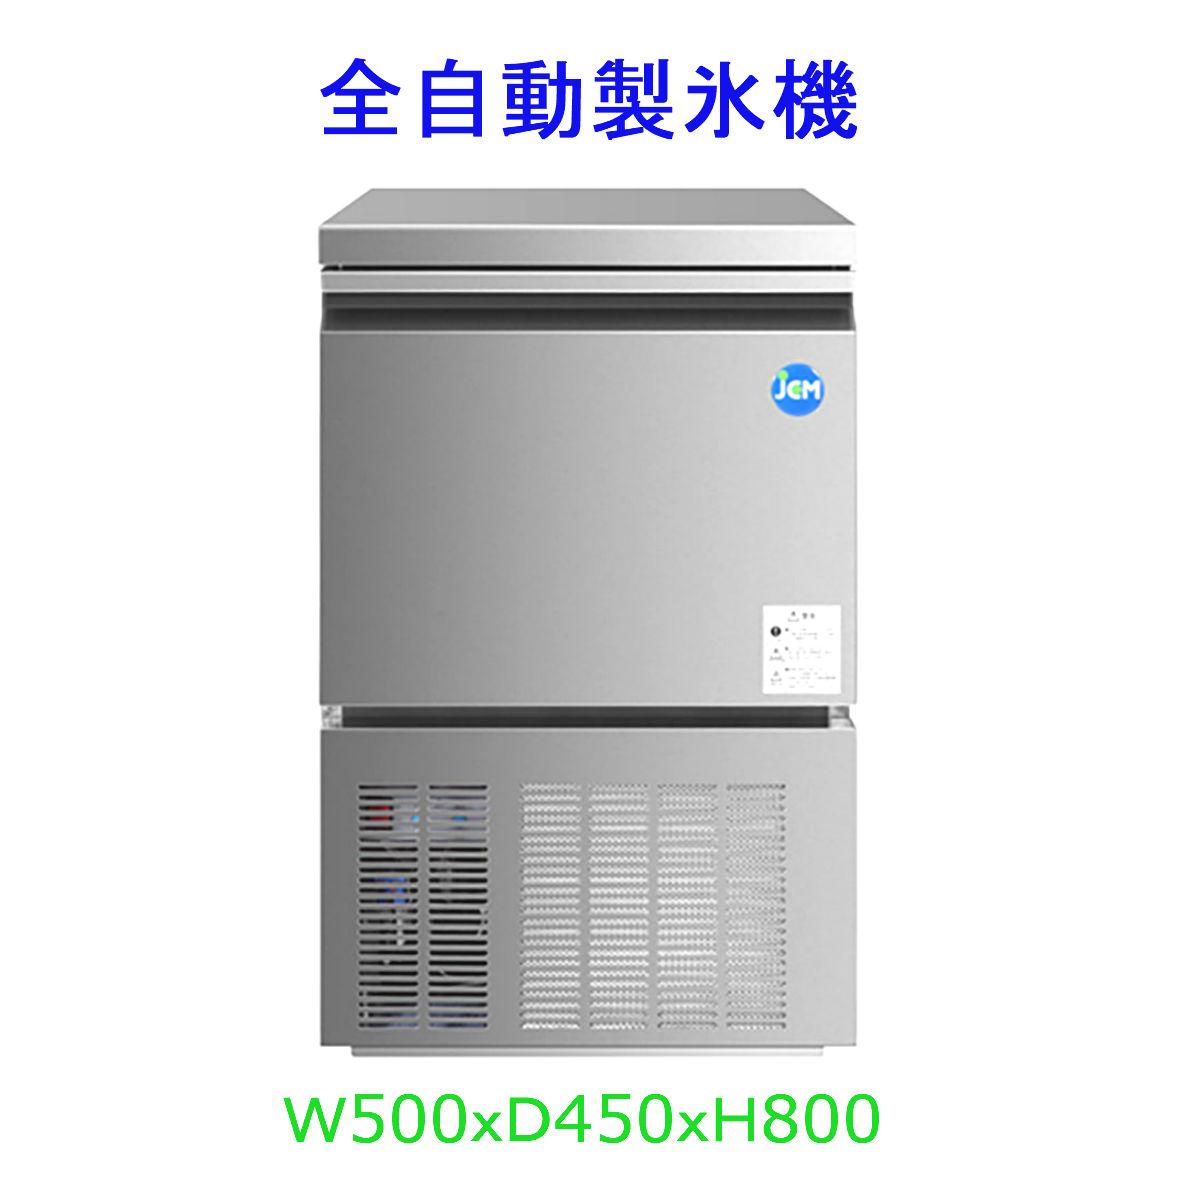 【初売り】 【送料無料】【新品・未使用】業務用 全自動製氷機 JCMI-40 製氷能力約40kg 24h 500×450×800mm, オオヨドチョウ 3d9845d2